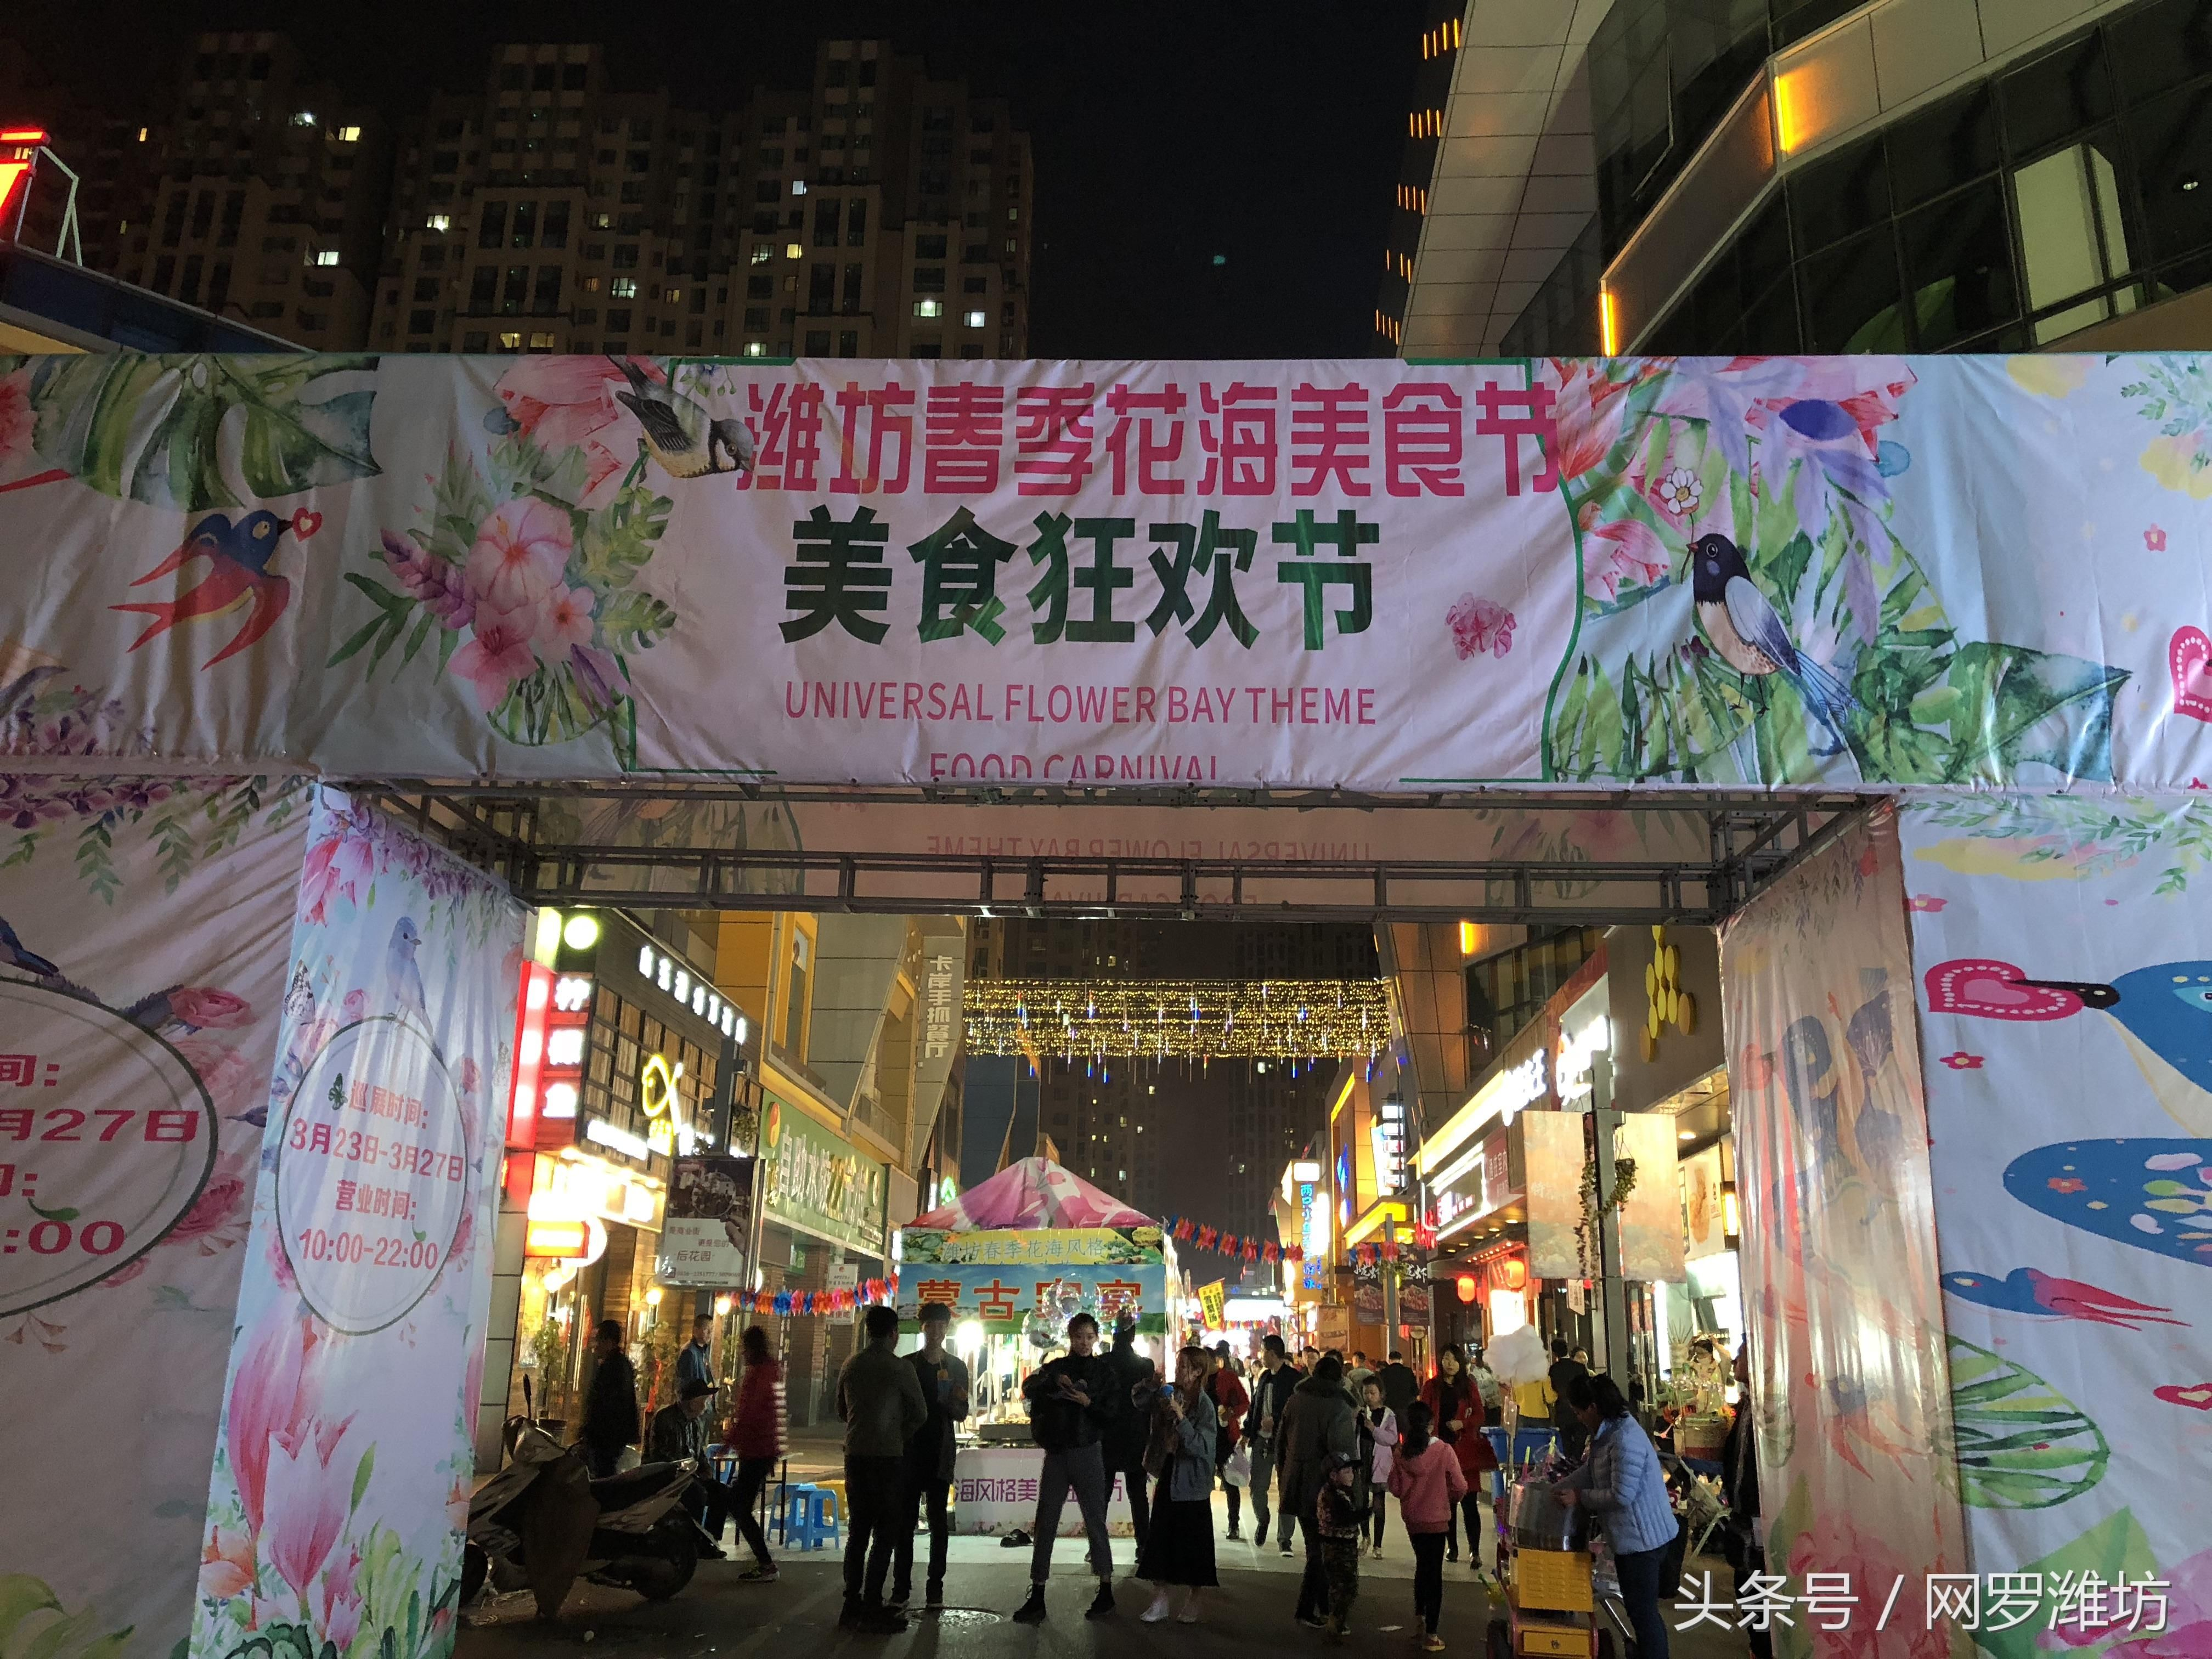 潍坊万达春季花海美食节--美食狂欢节夜晚现场五指山外卖网美食图片